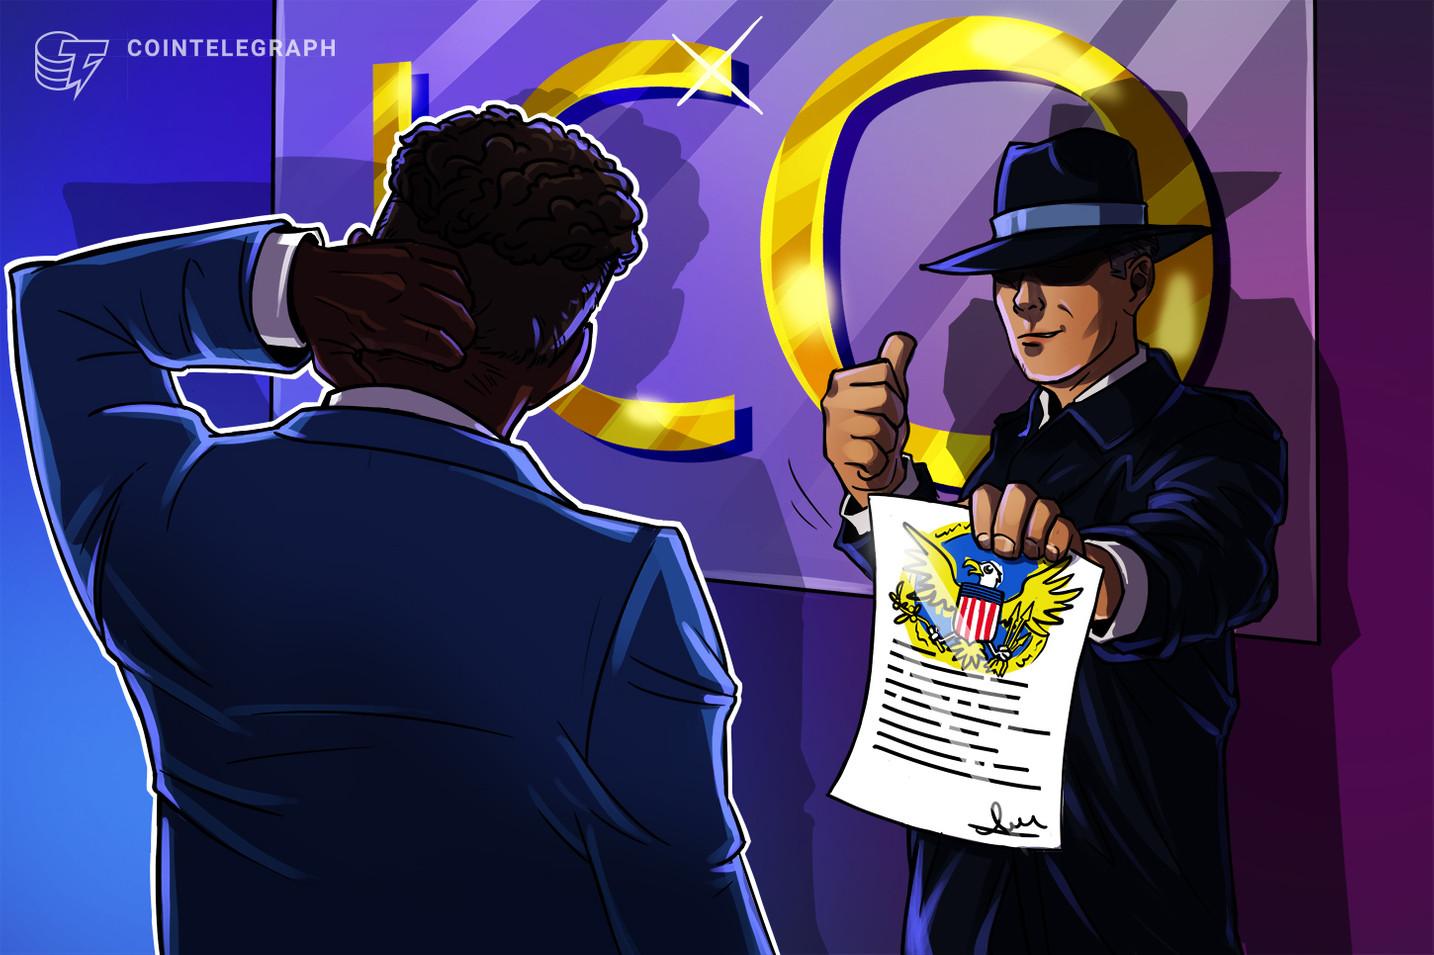 SEC skiria 200 tūkst. USD baudas už remiamus, palankius ICO reitingus